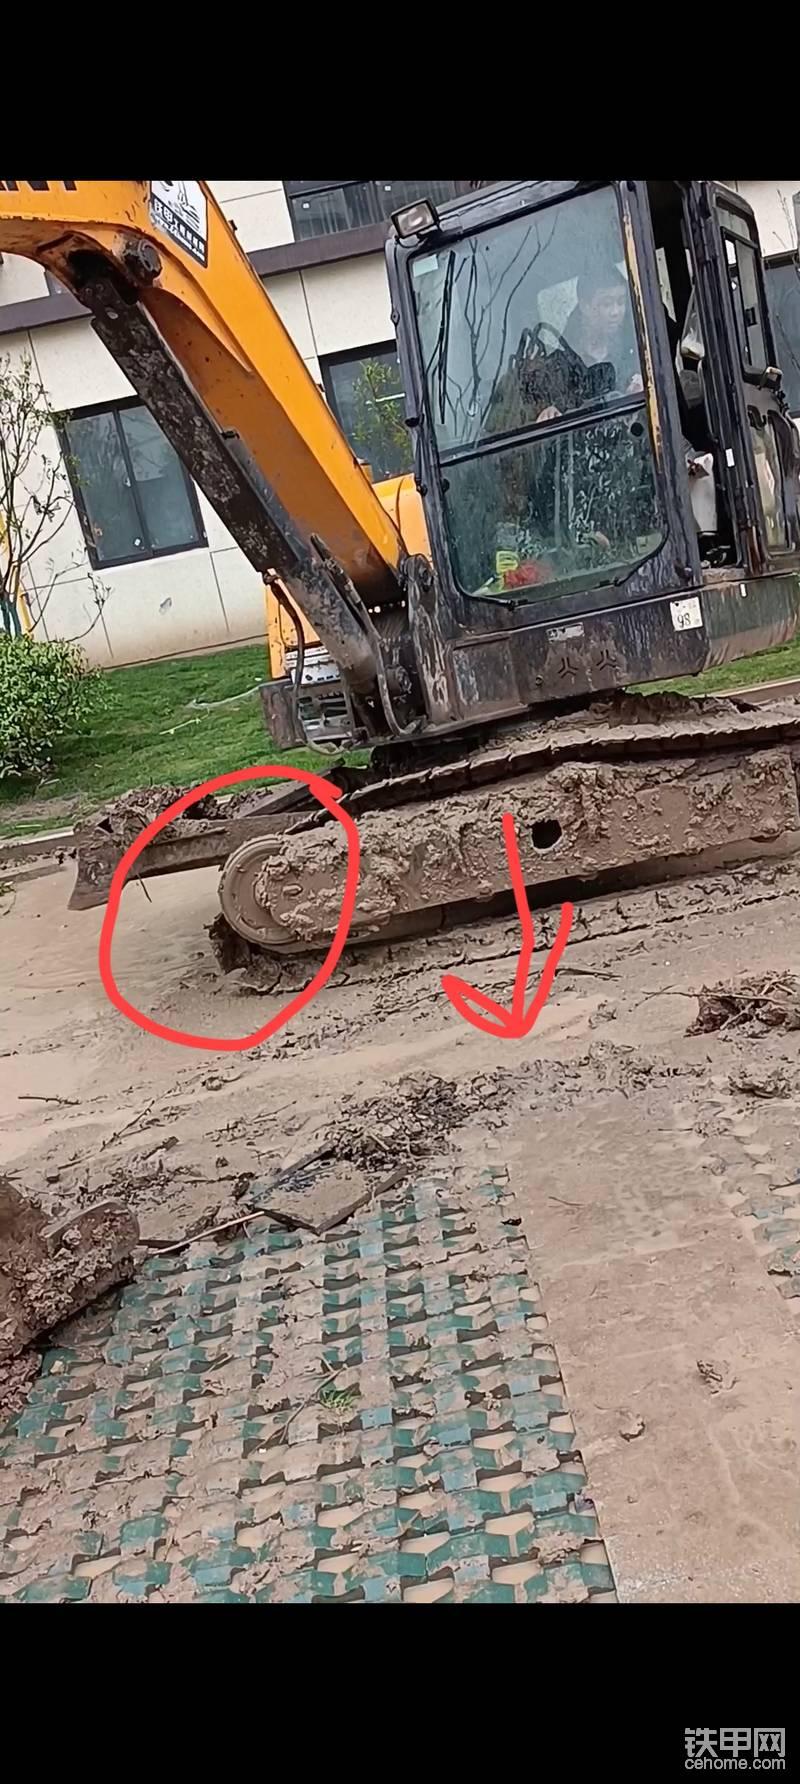 第三步:通过对比上图导向轮部分,可以看出履带多出来一部分了,因为通过单边行走,驱动齿部分多出的履带到脱轨的导向轮一边了,这个时候机子慢慢往下放,看箭头指示